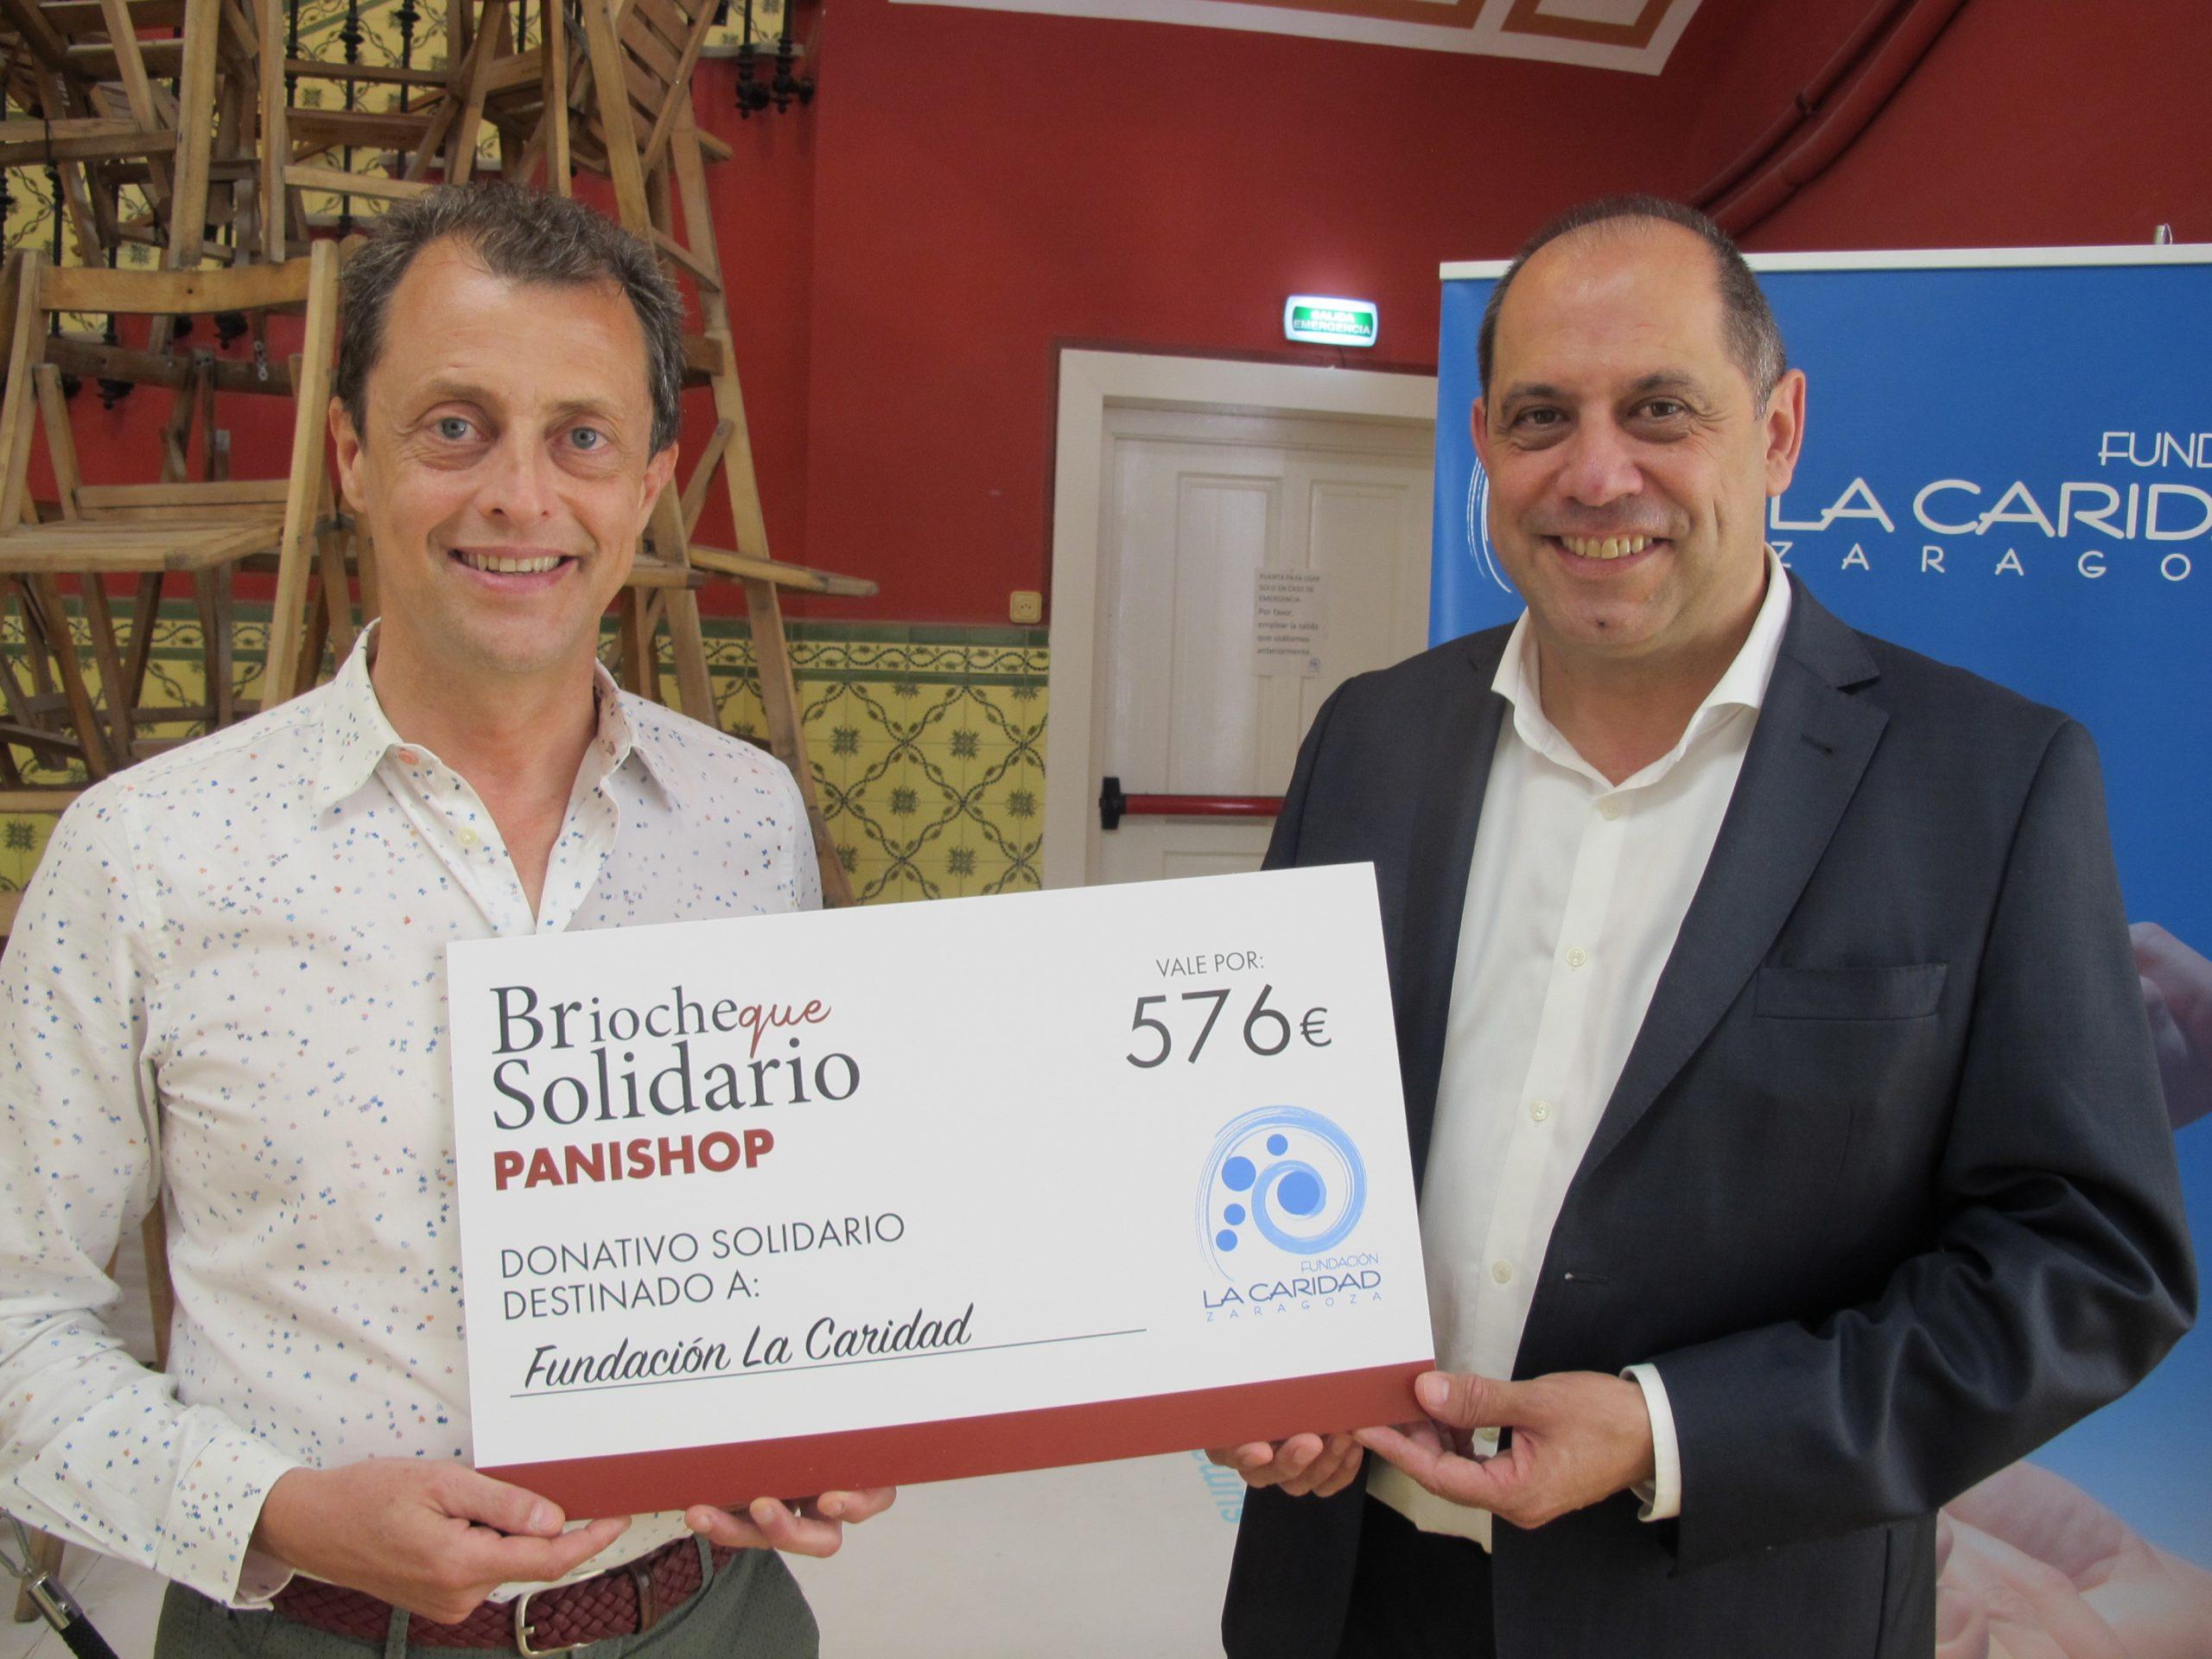 Daniel Gimeno y José Rébola en la entrega del cheque a La Caridad